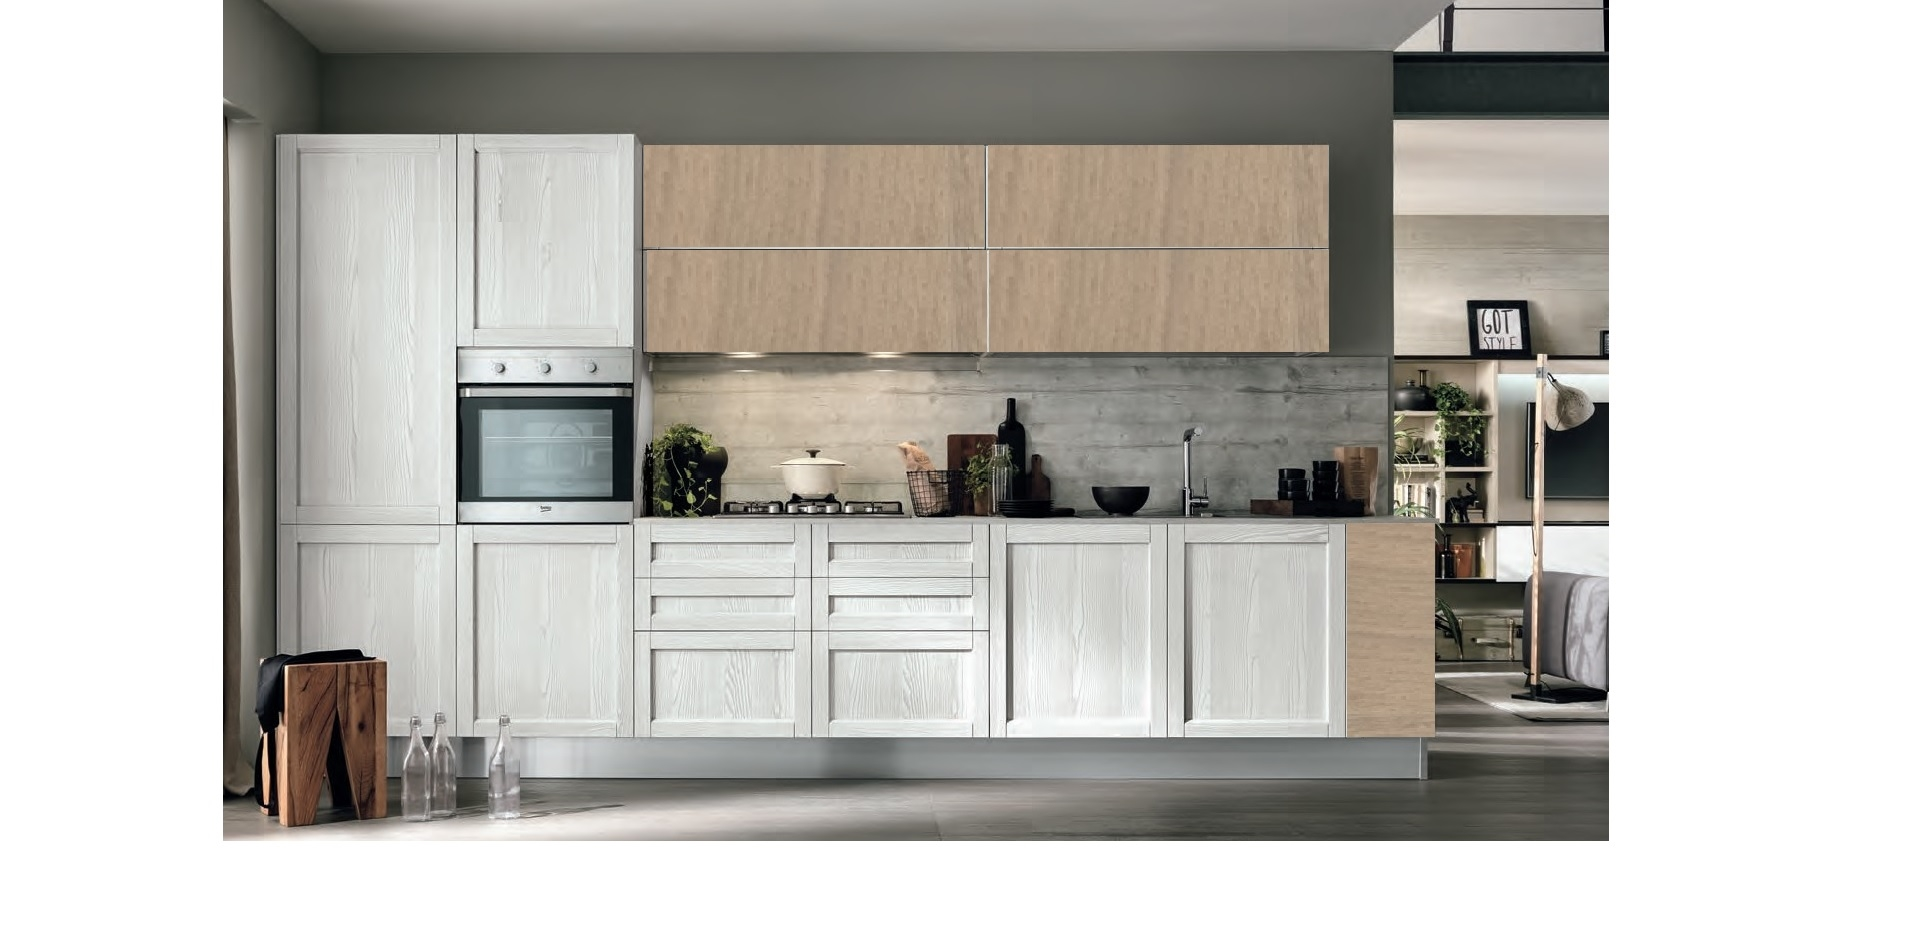 Ante cucina legno 47 images mobile base 2 ante per - Legno per cucine ...